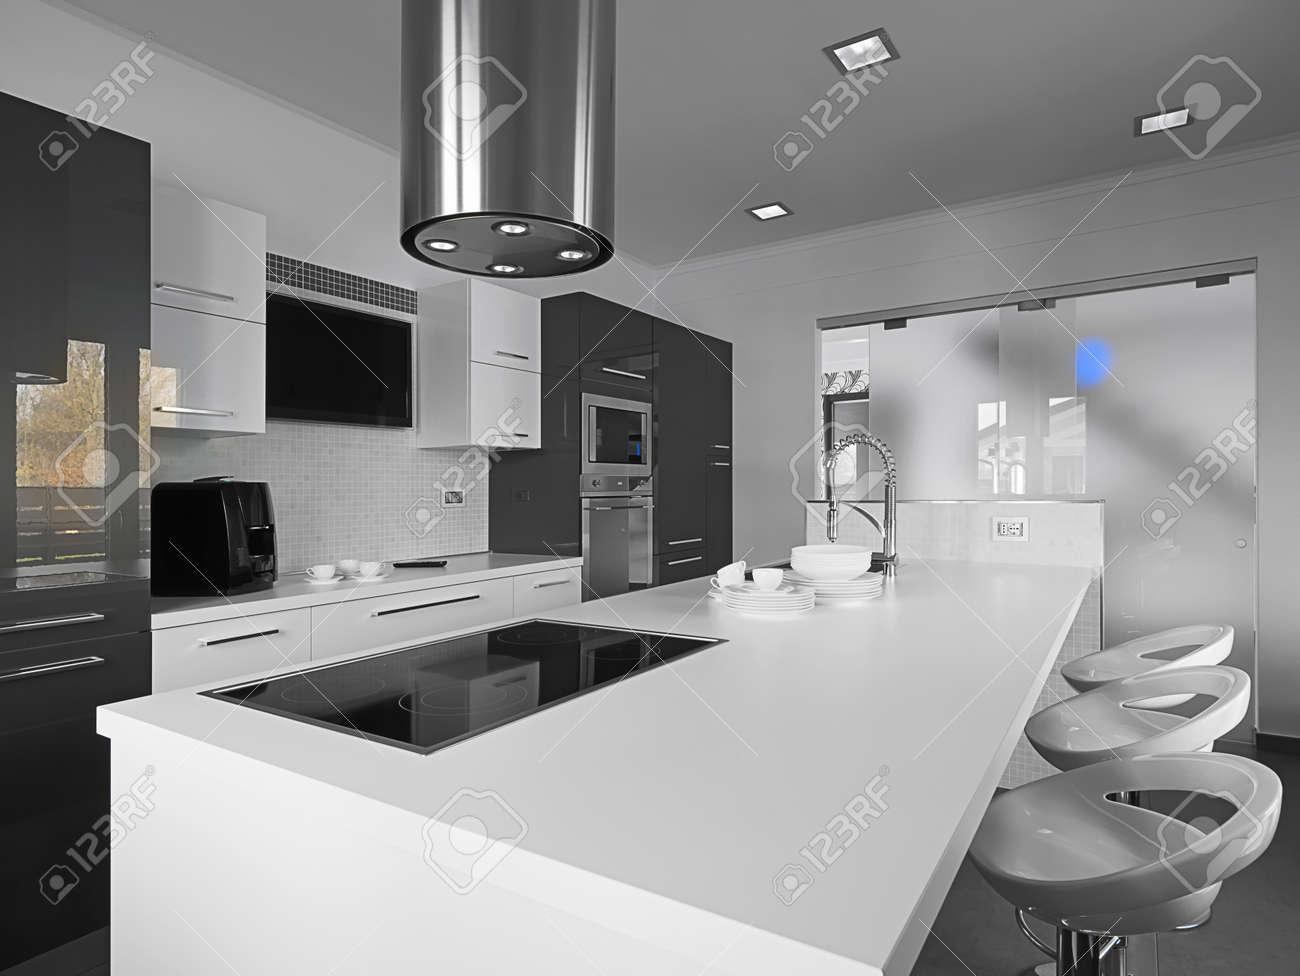 Piastrelle Cucine Moderne. Interesting Il Grigio Chiaro Per La ...